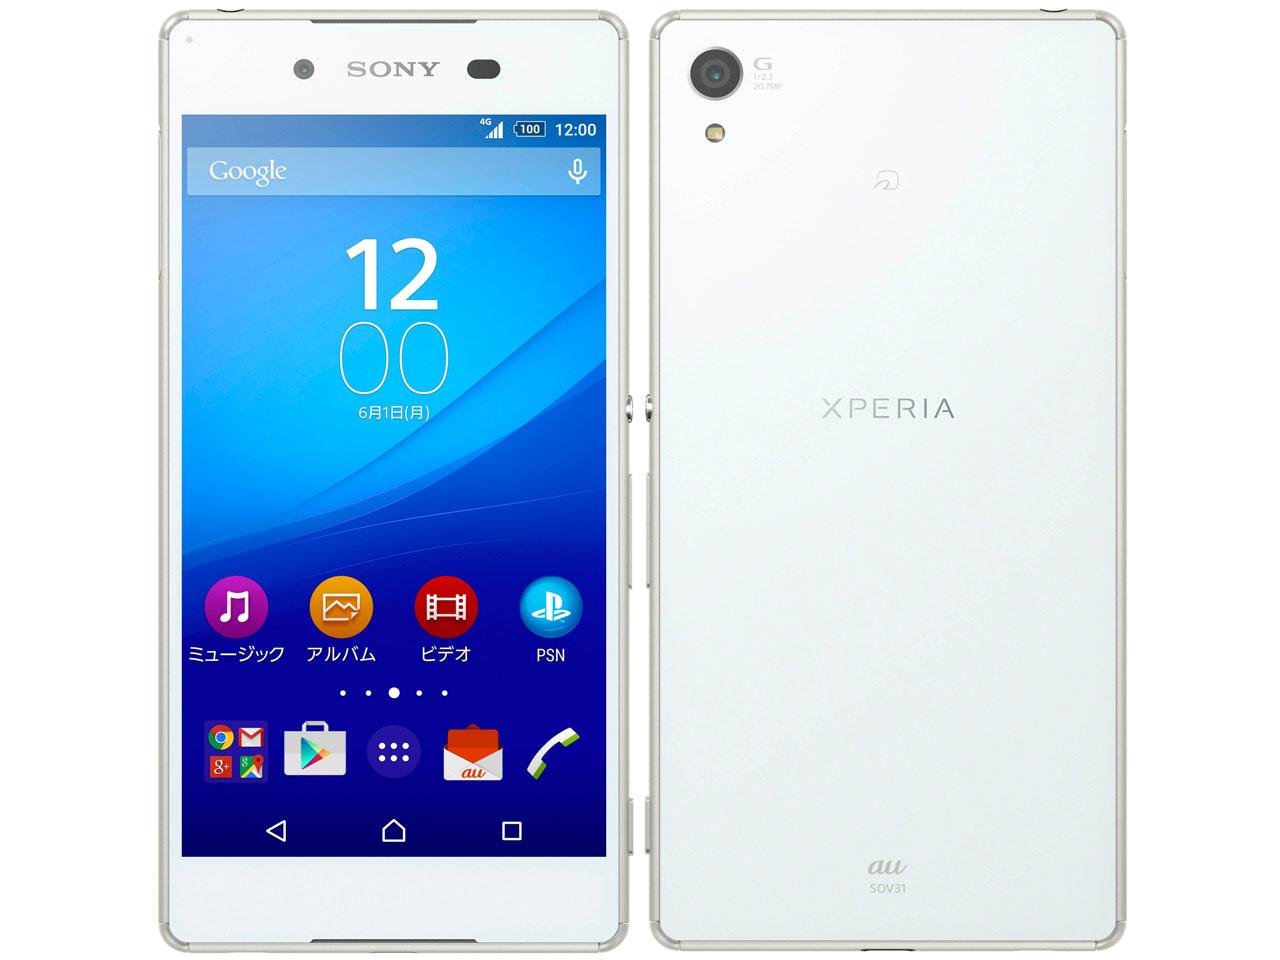 【新品・未使用】白ロム 格安スマホ 携帯電話 Xperia Z4 SOV31 au [White]